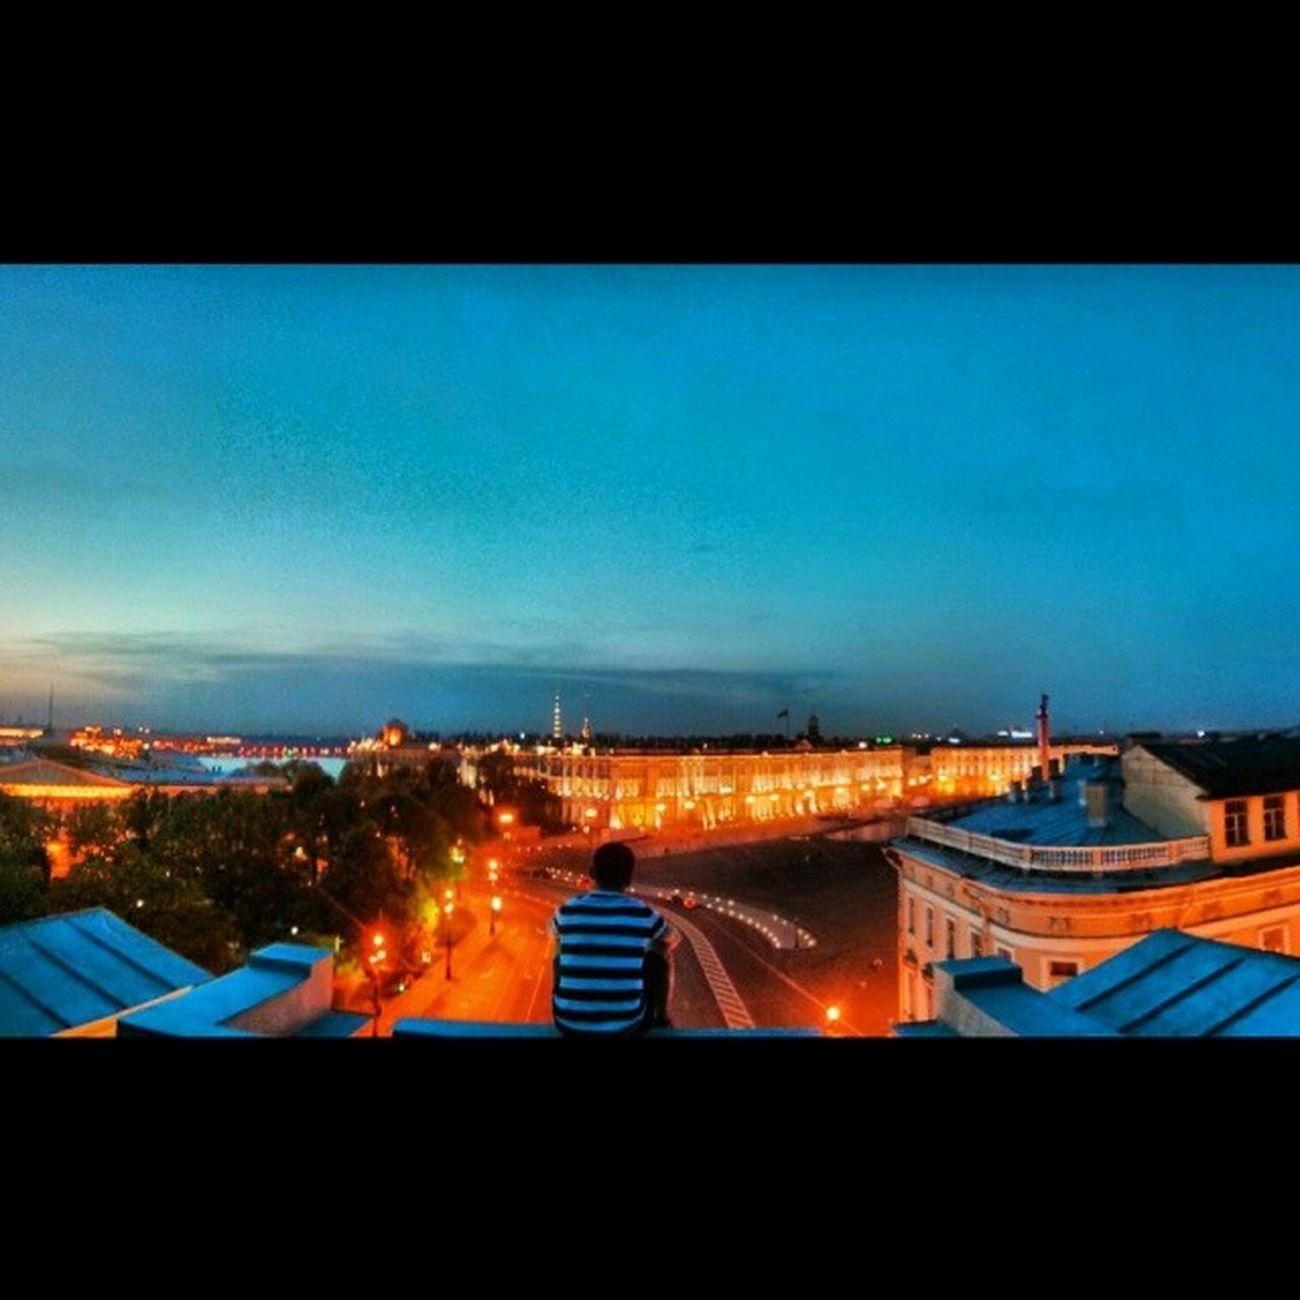 Roof Rooftopping Russia Roofs_spb roofaccess rooftop_spb roofporn roofing roofer rooftopspb крышиспб крышипетербурга крыши крыша привет_сейчас Питер питер СПБ спб